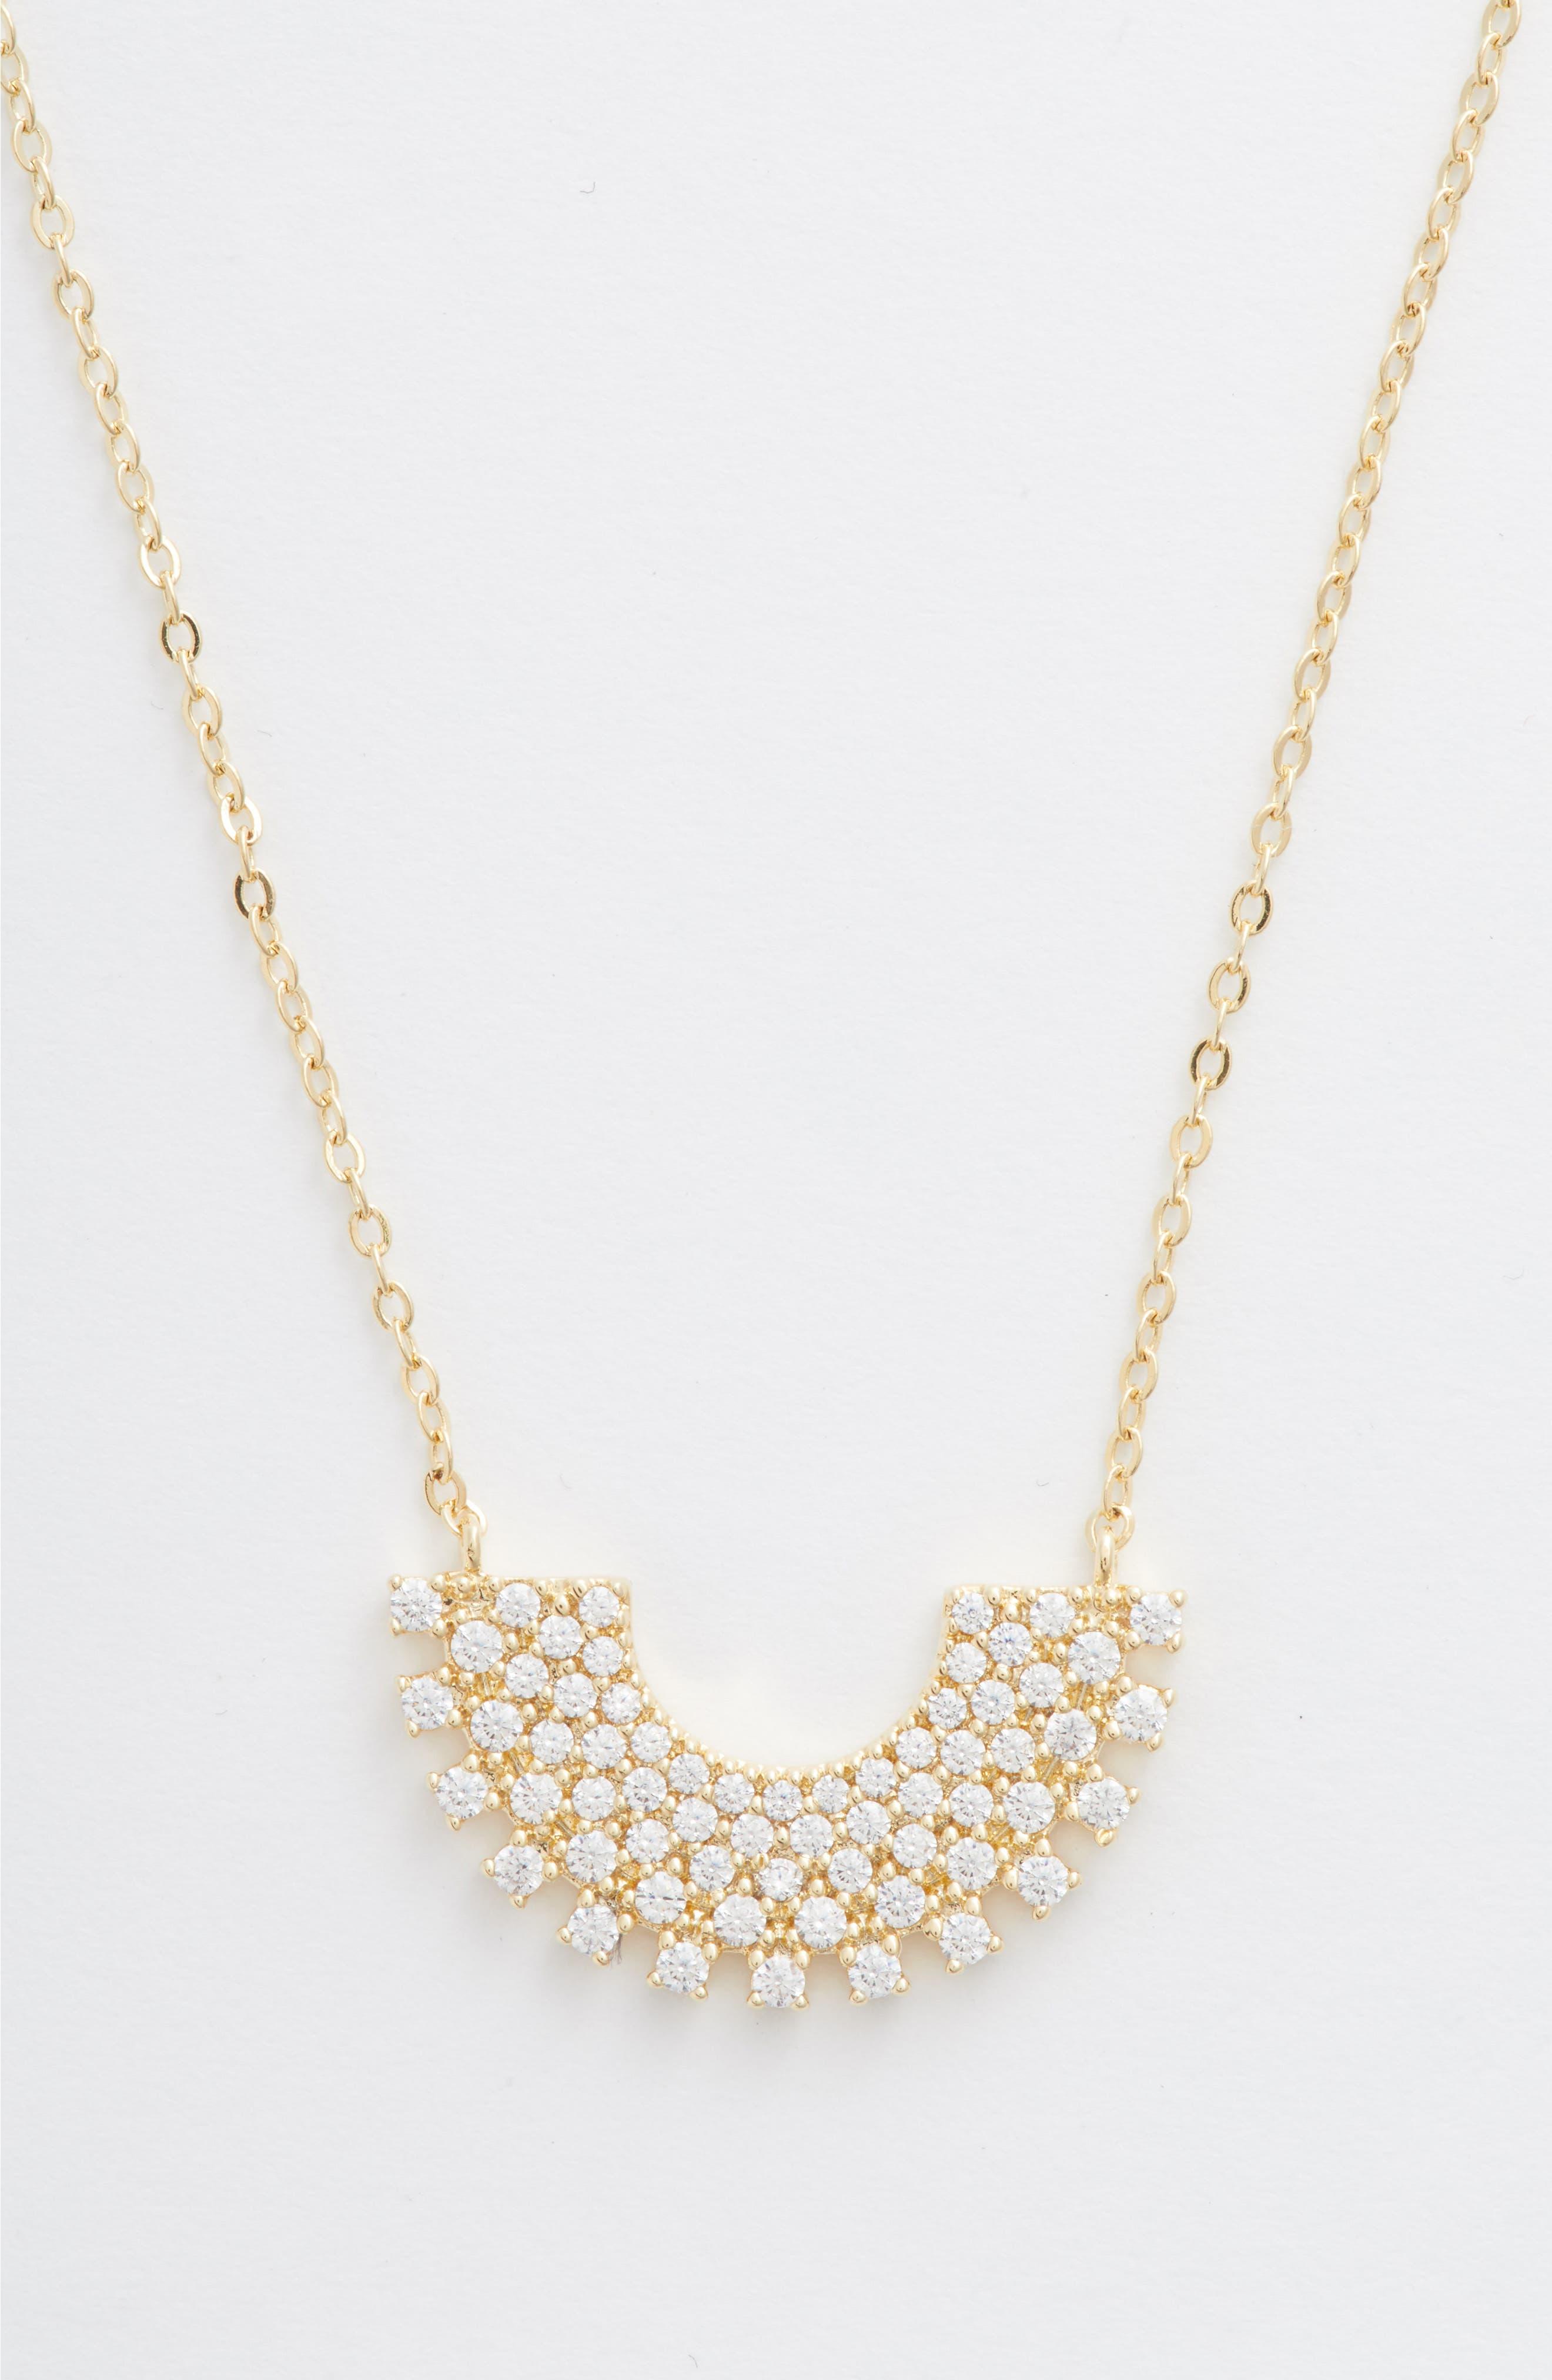 Pavé Sunburst Pendant Necklace,                             Main thumbnail 1, color,                             CLEAR- GOLD